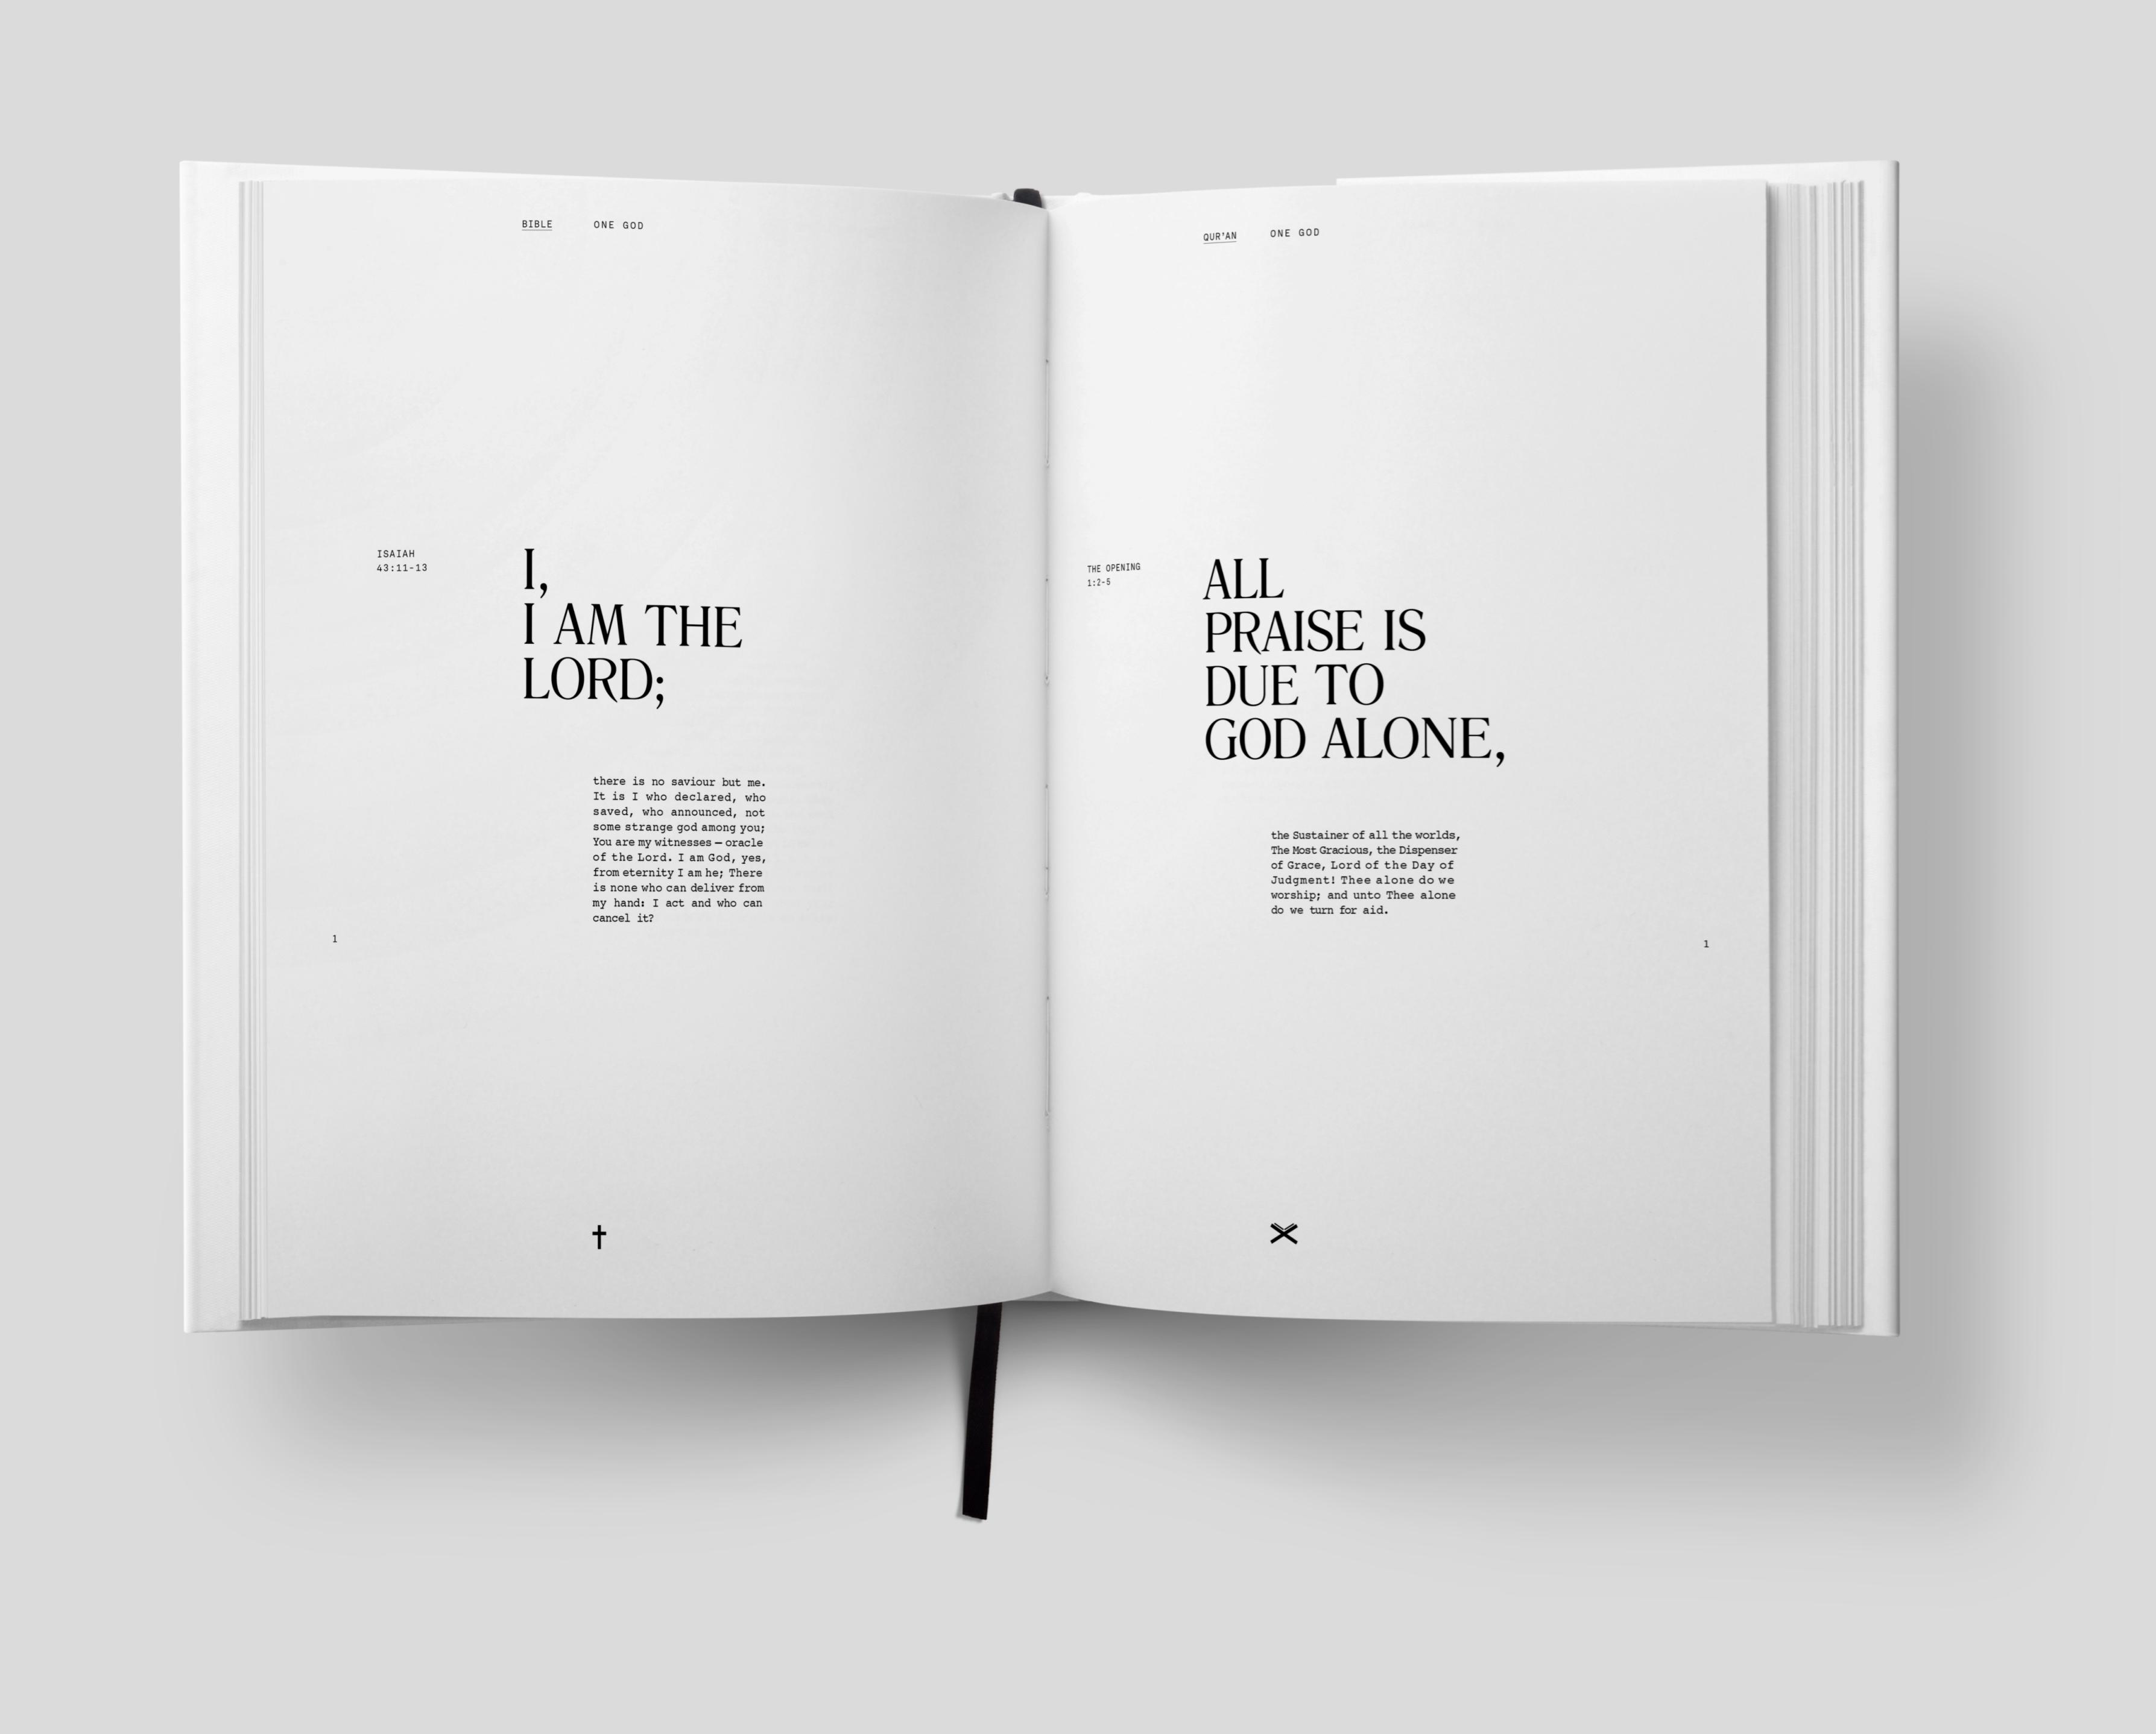 """Knjiga koja će promijeniti način na koji razmišljamo – """"Jedna knjiga za mir"""""""